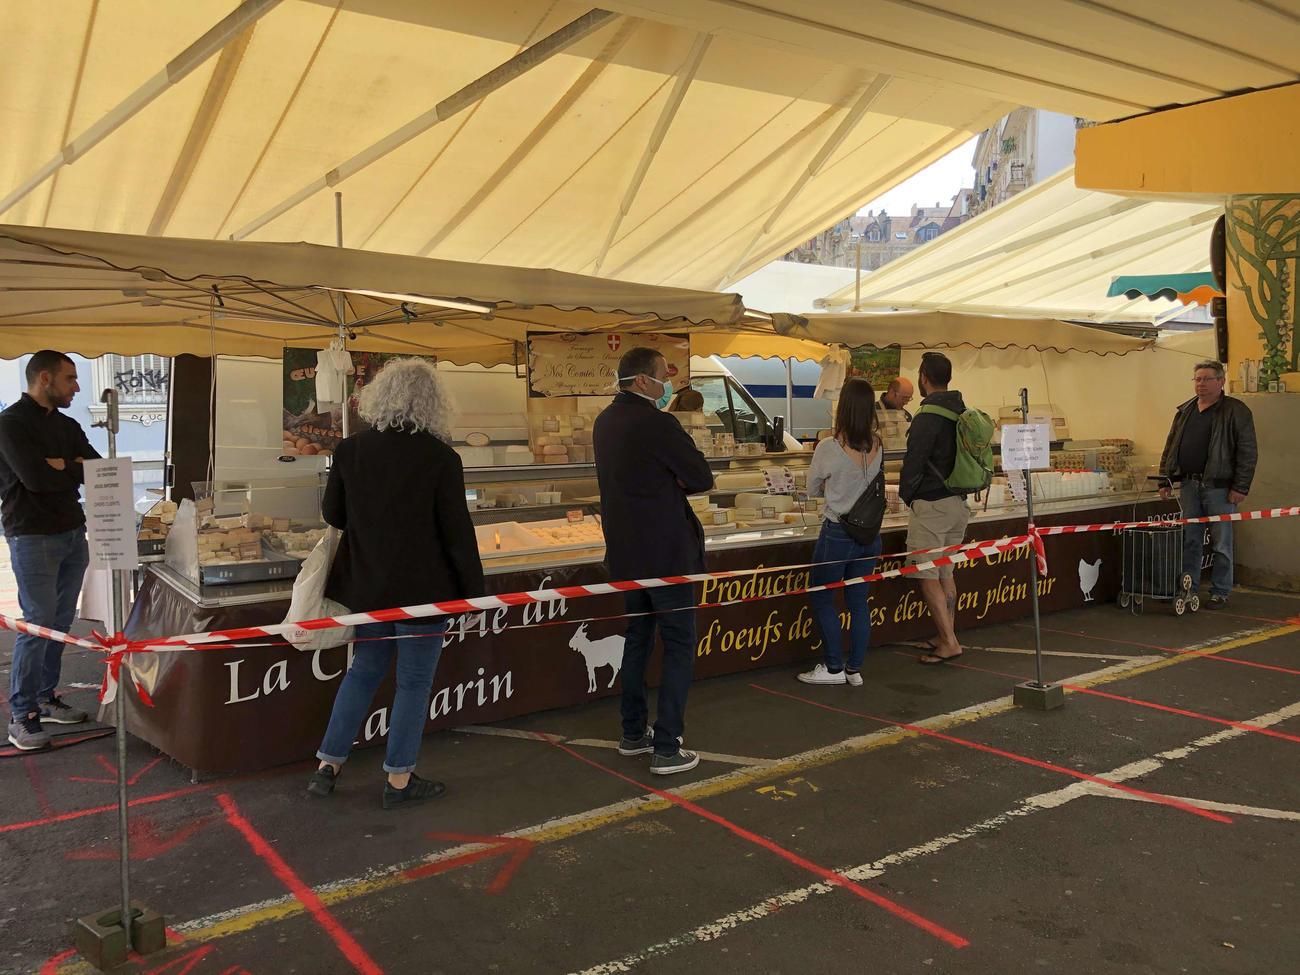 マルシェのチーズ店の地面には1メートル間隔のラインやテープで仕切られている